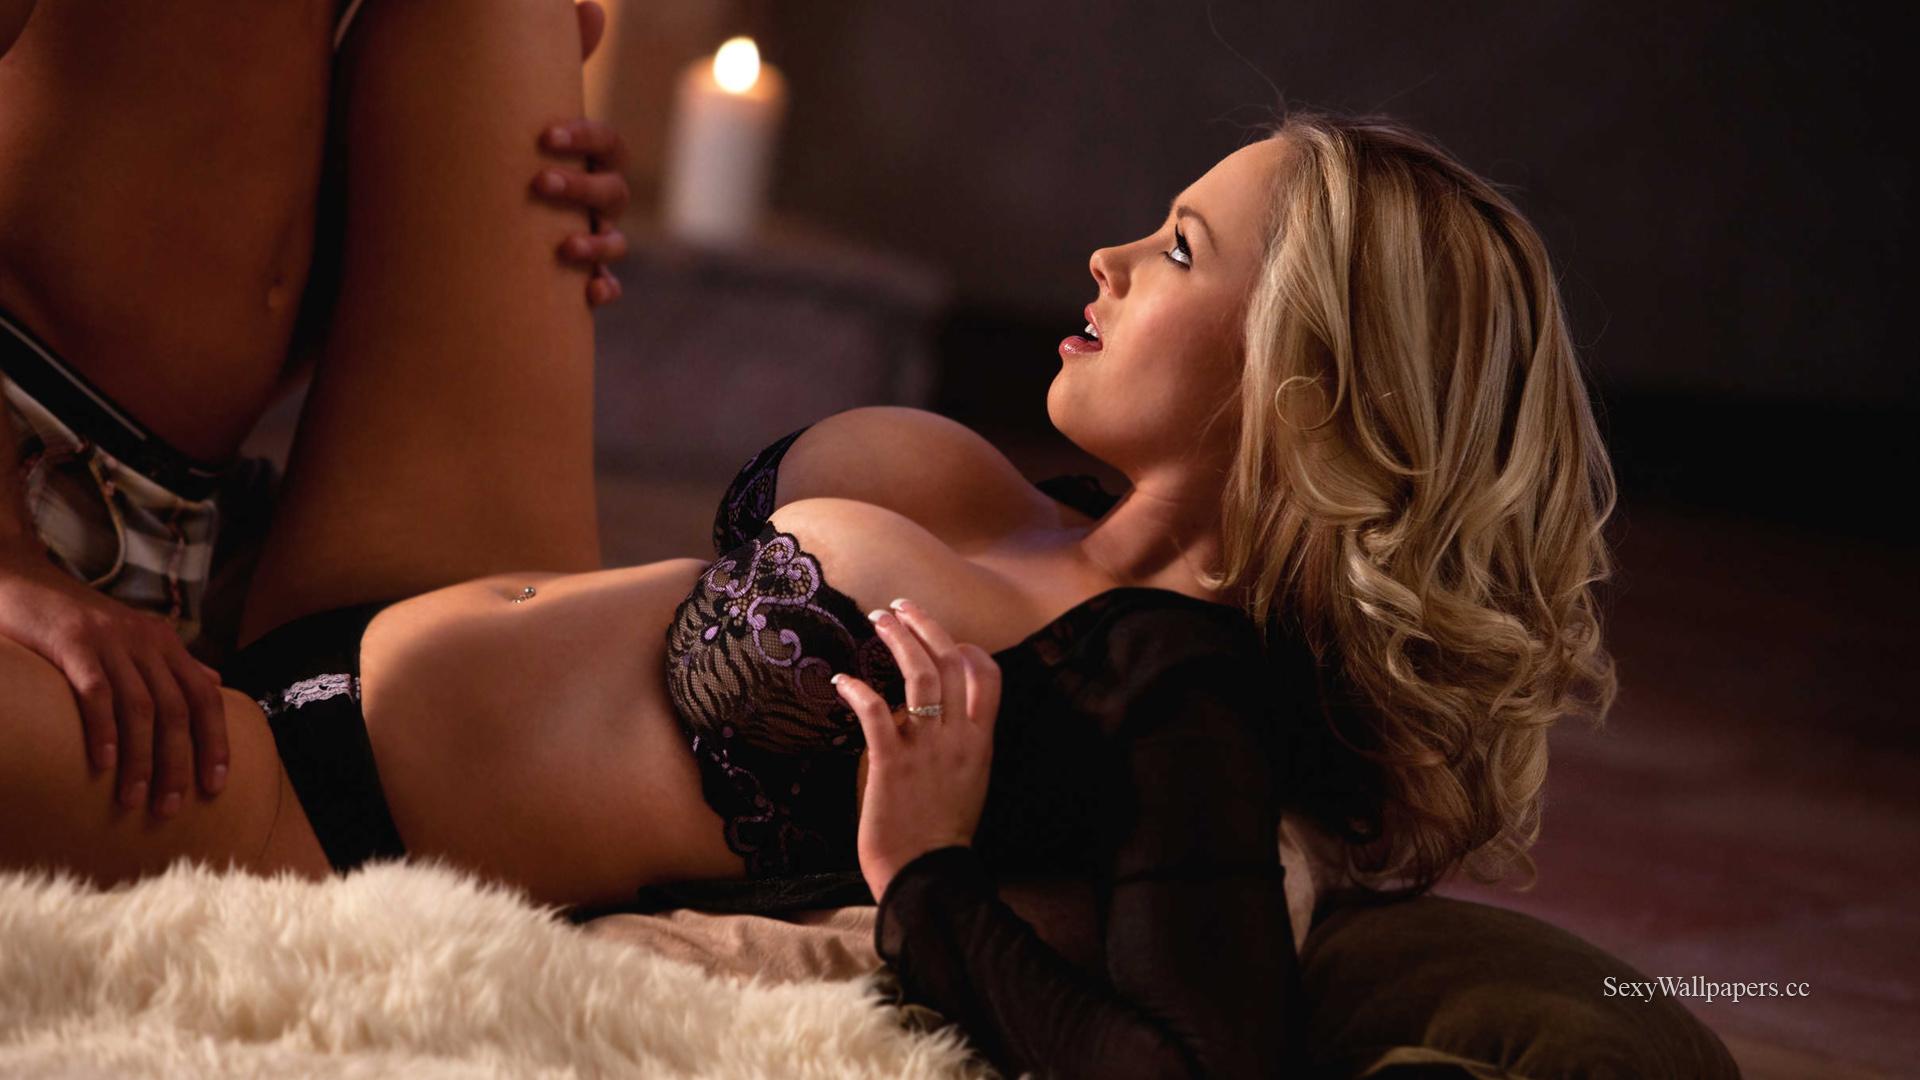 Романтический и нежный секс онлайн 19 фотография